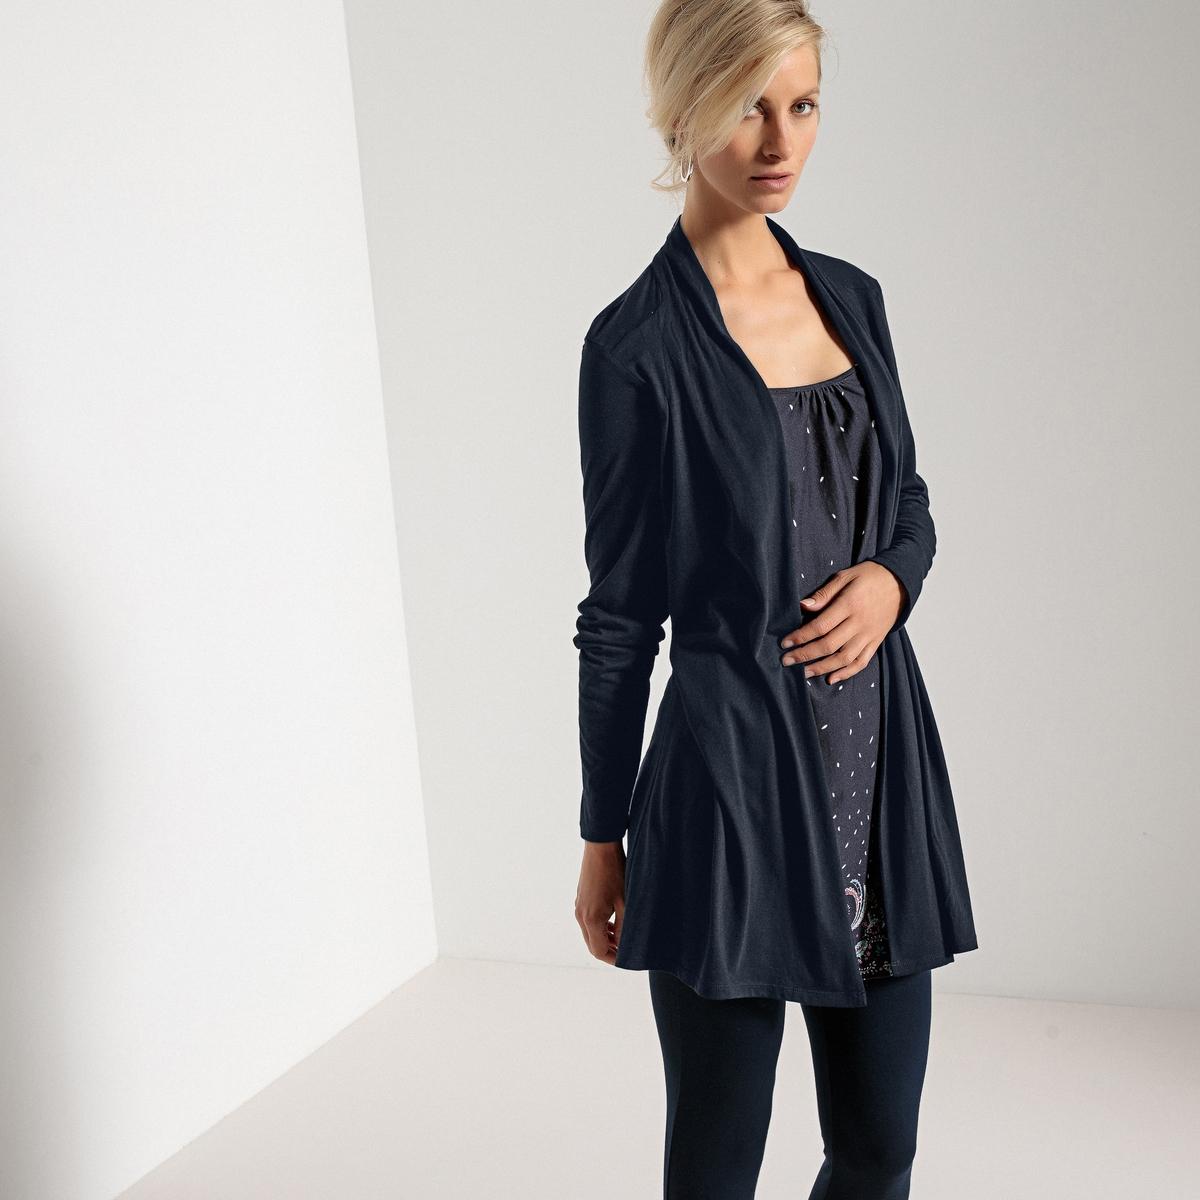 Imagen secundaria de producto de Camiseta 2 en 1, con cuello chal y estampado, de manga larga - Anne weyburn